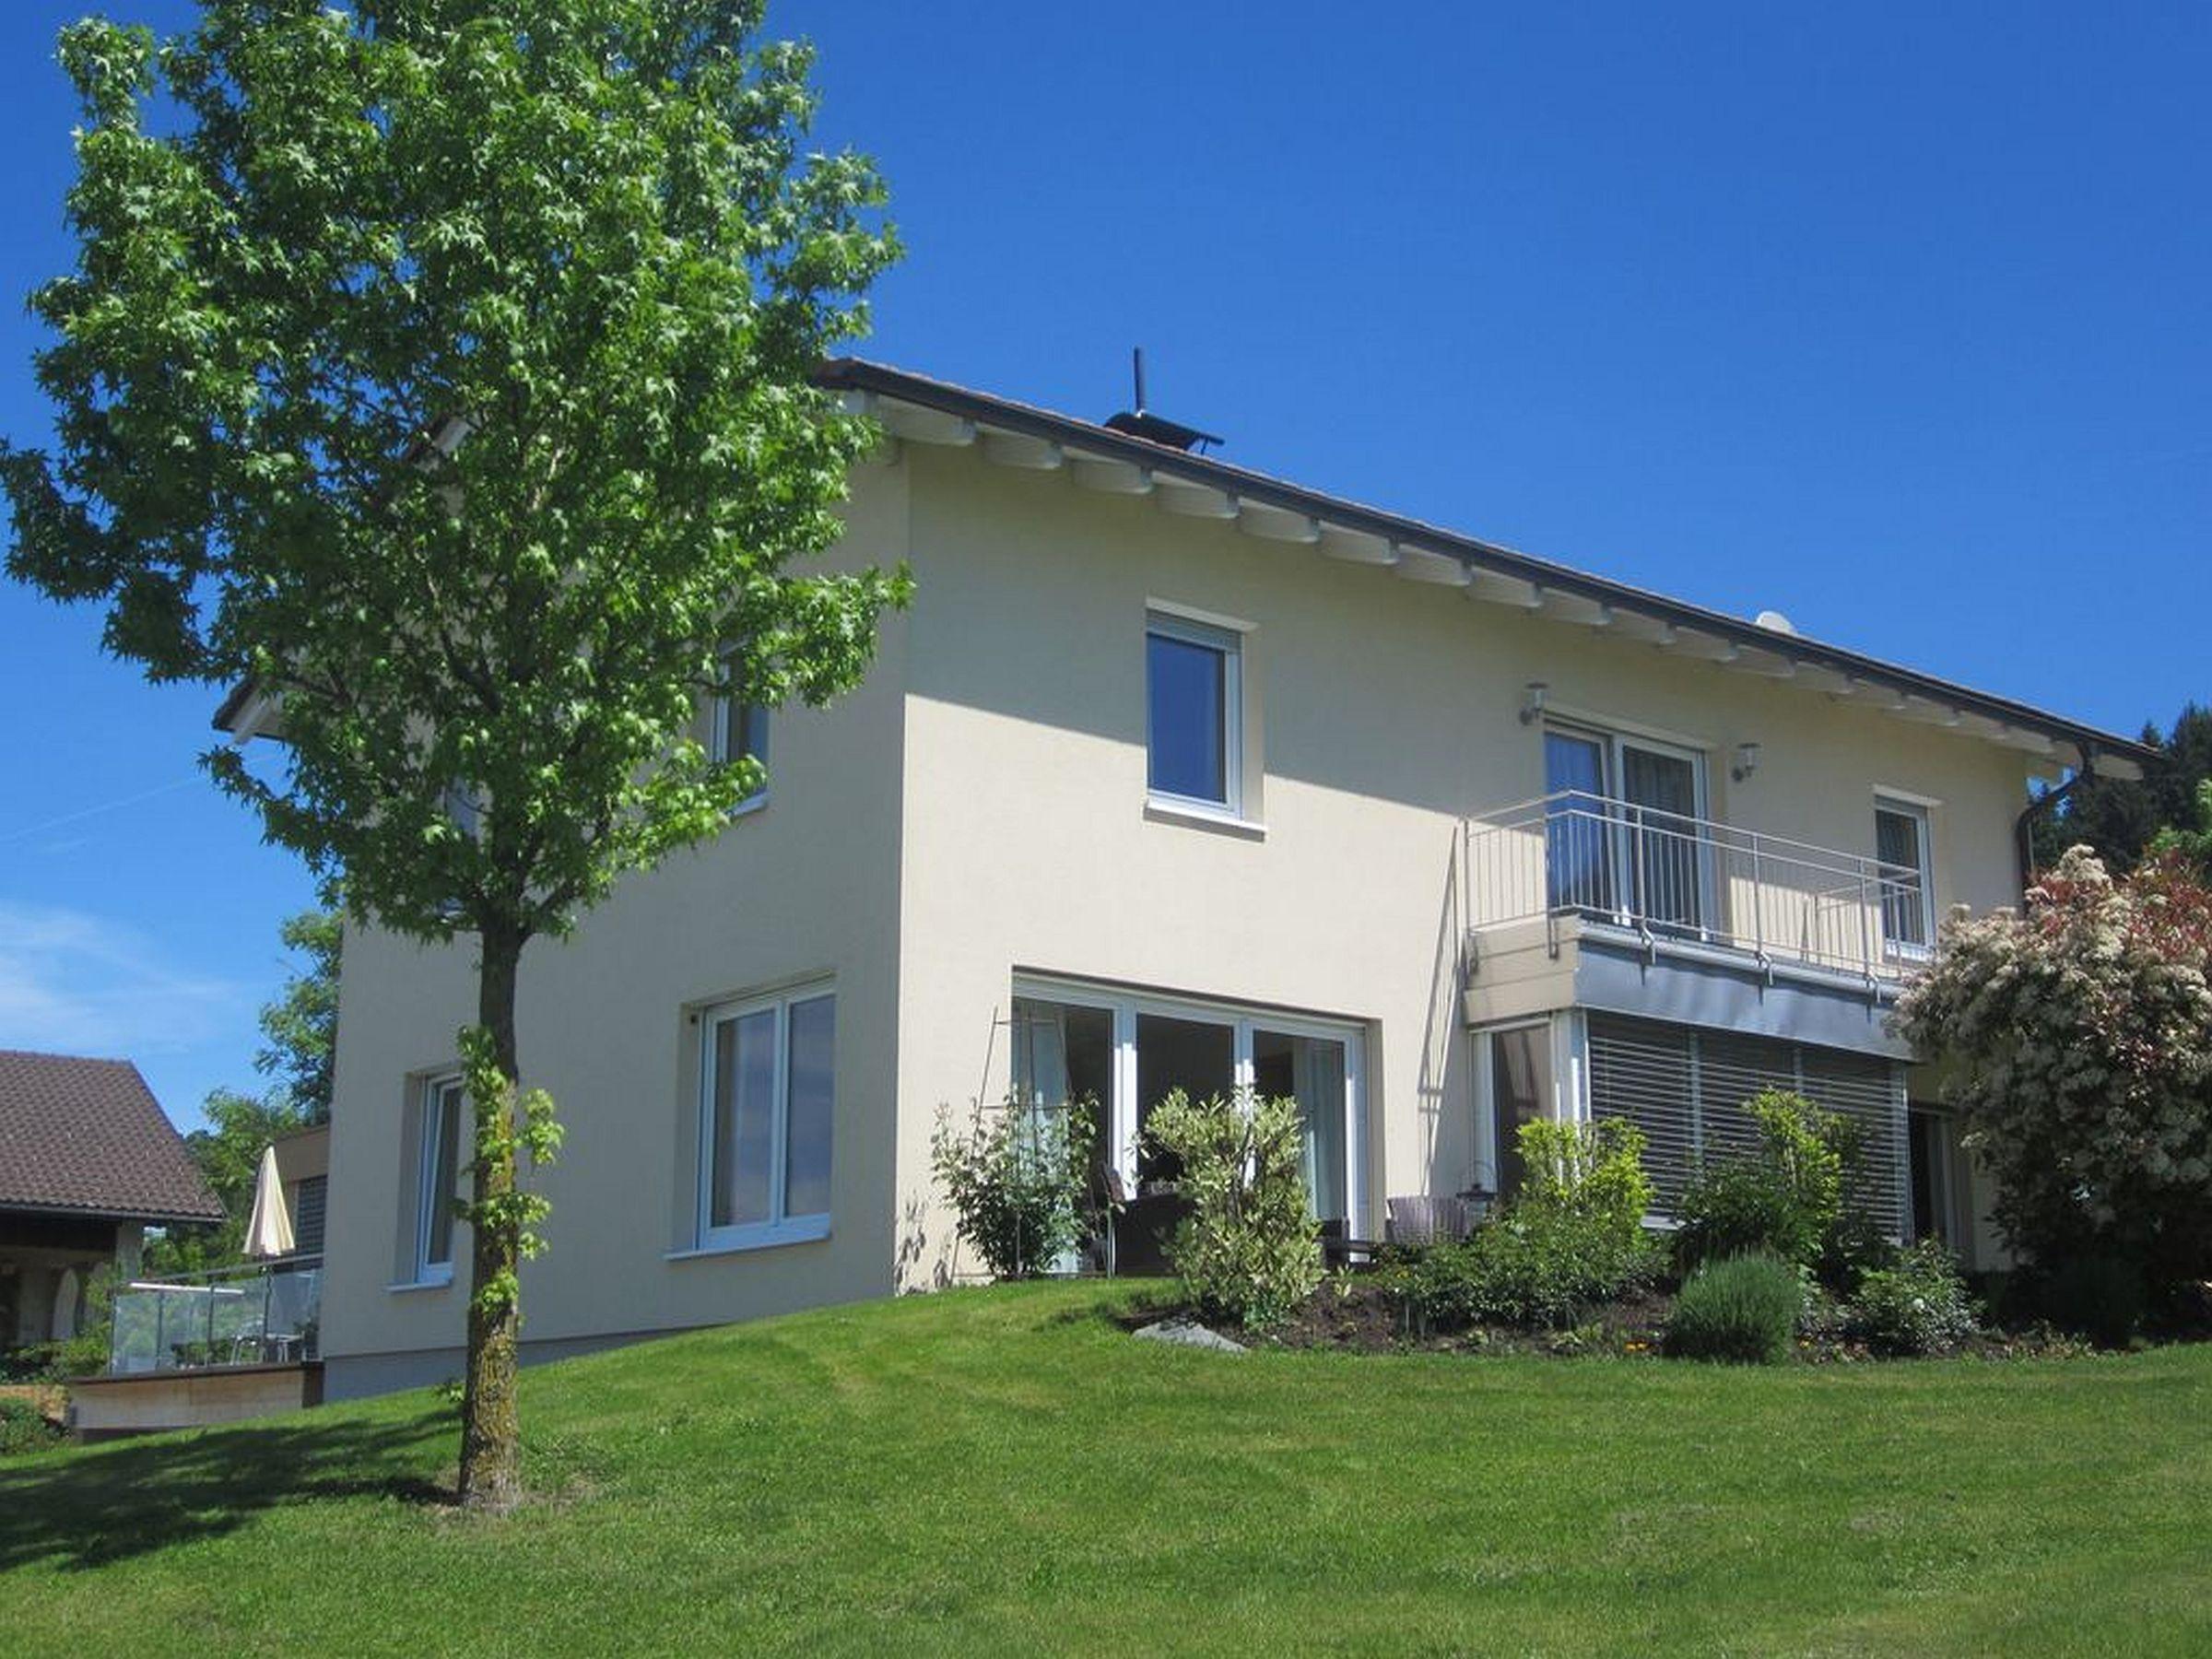 Appartement de vacances Sandra, (Hörbranz). Ferienwohnung Dreiländerblick, 58qm, 1 Schlafzimmer, max. 4 Personen (2127339), Hörbranz, Bregenz, Vorarlberg, Autriche, image 3